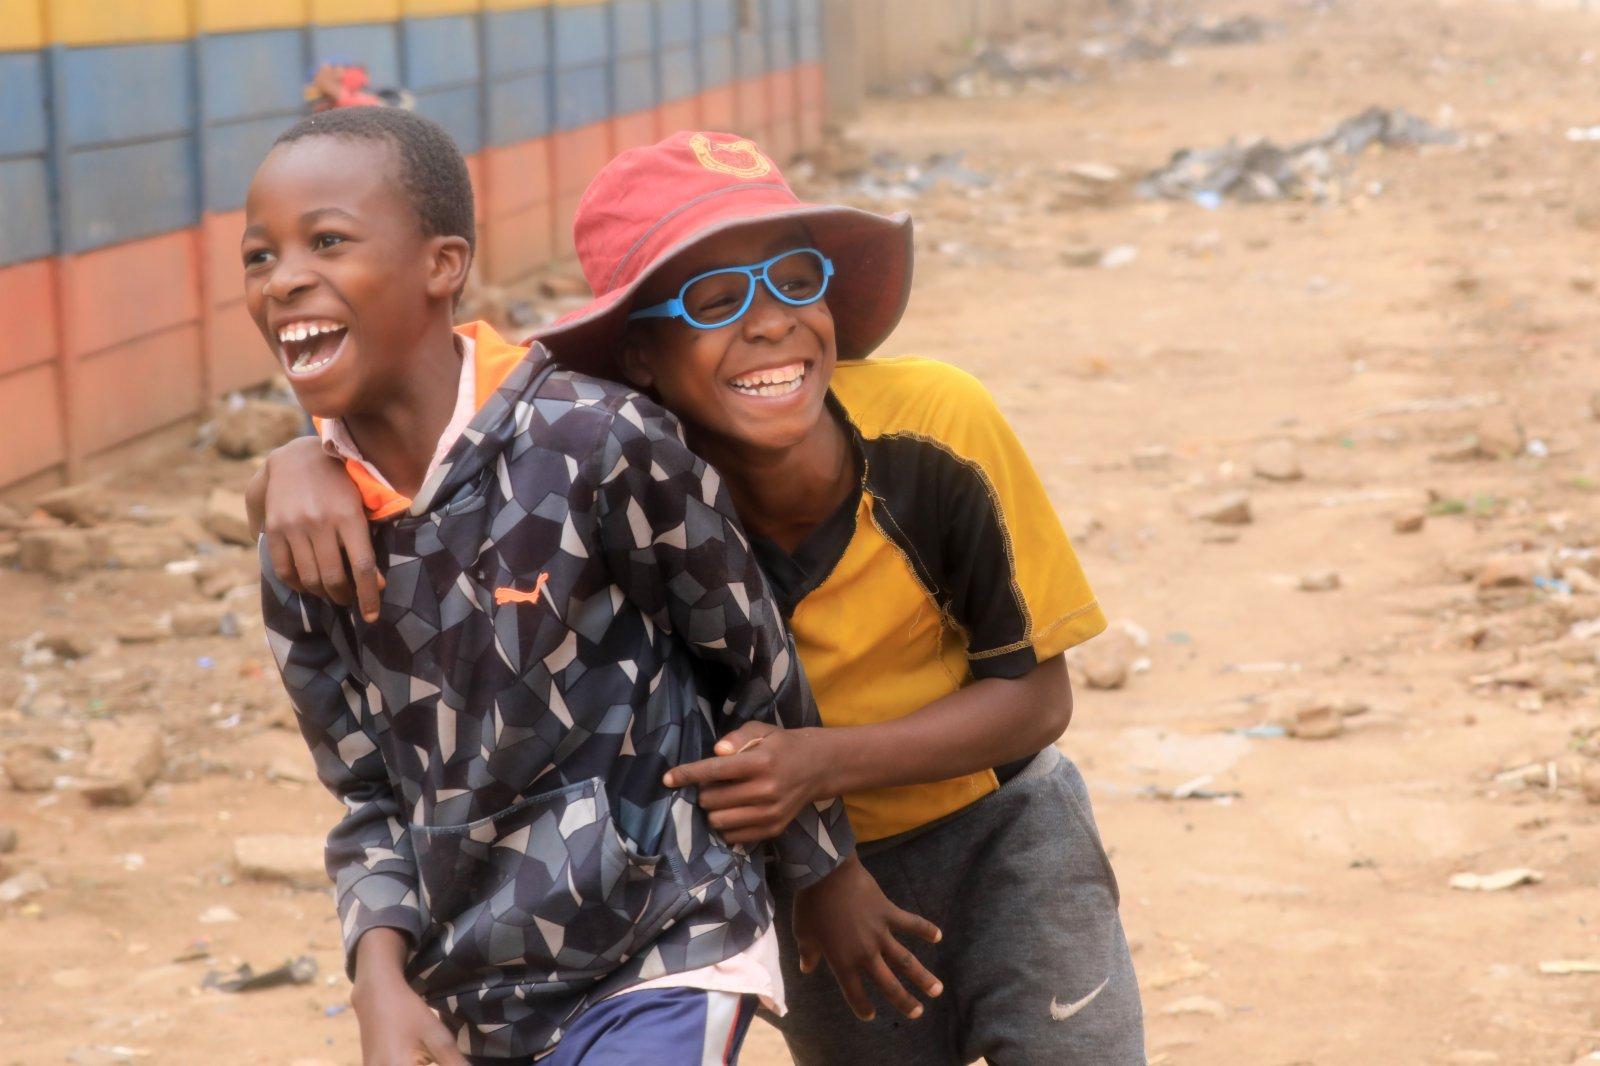 4月19日,在津巴布韋首都哈拉雷,兩名男孩在玩耍。(新華社)